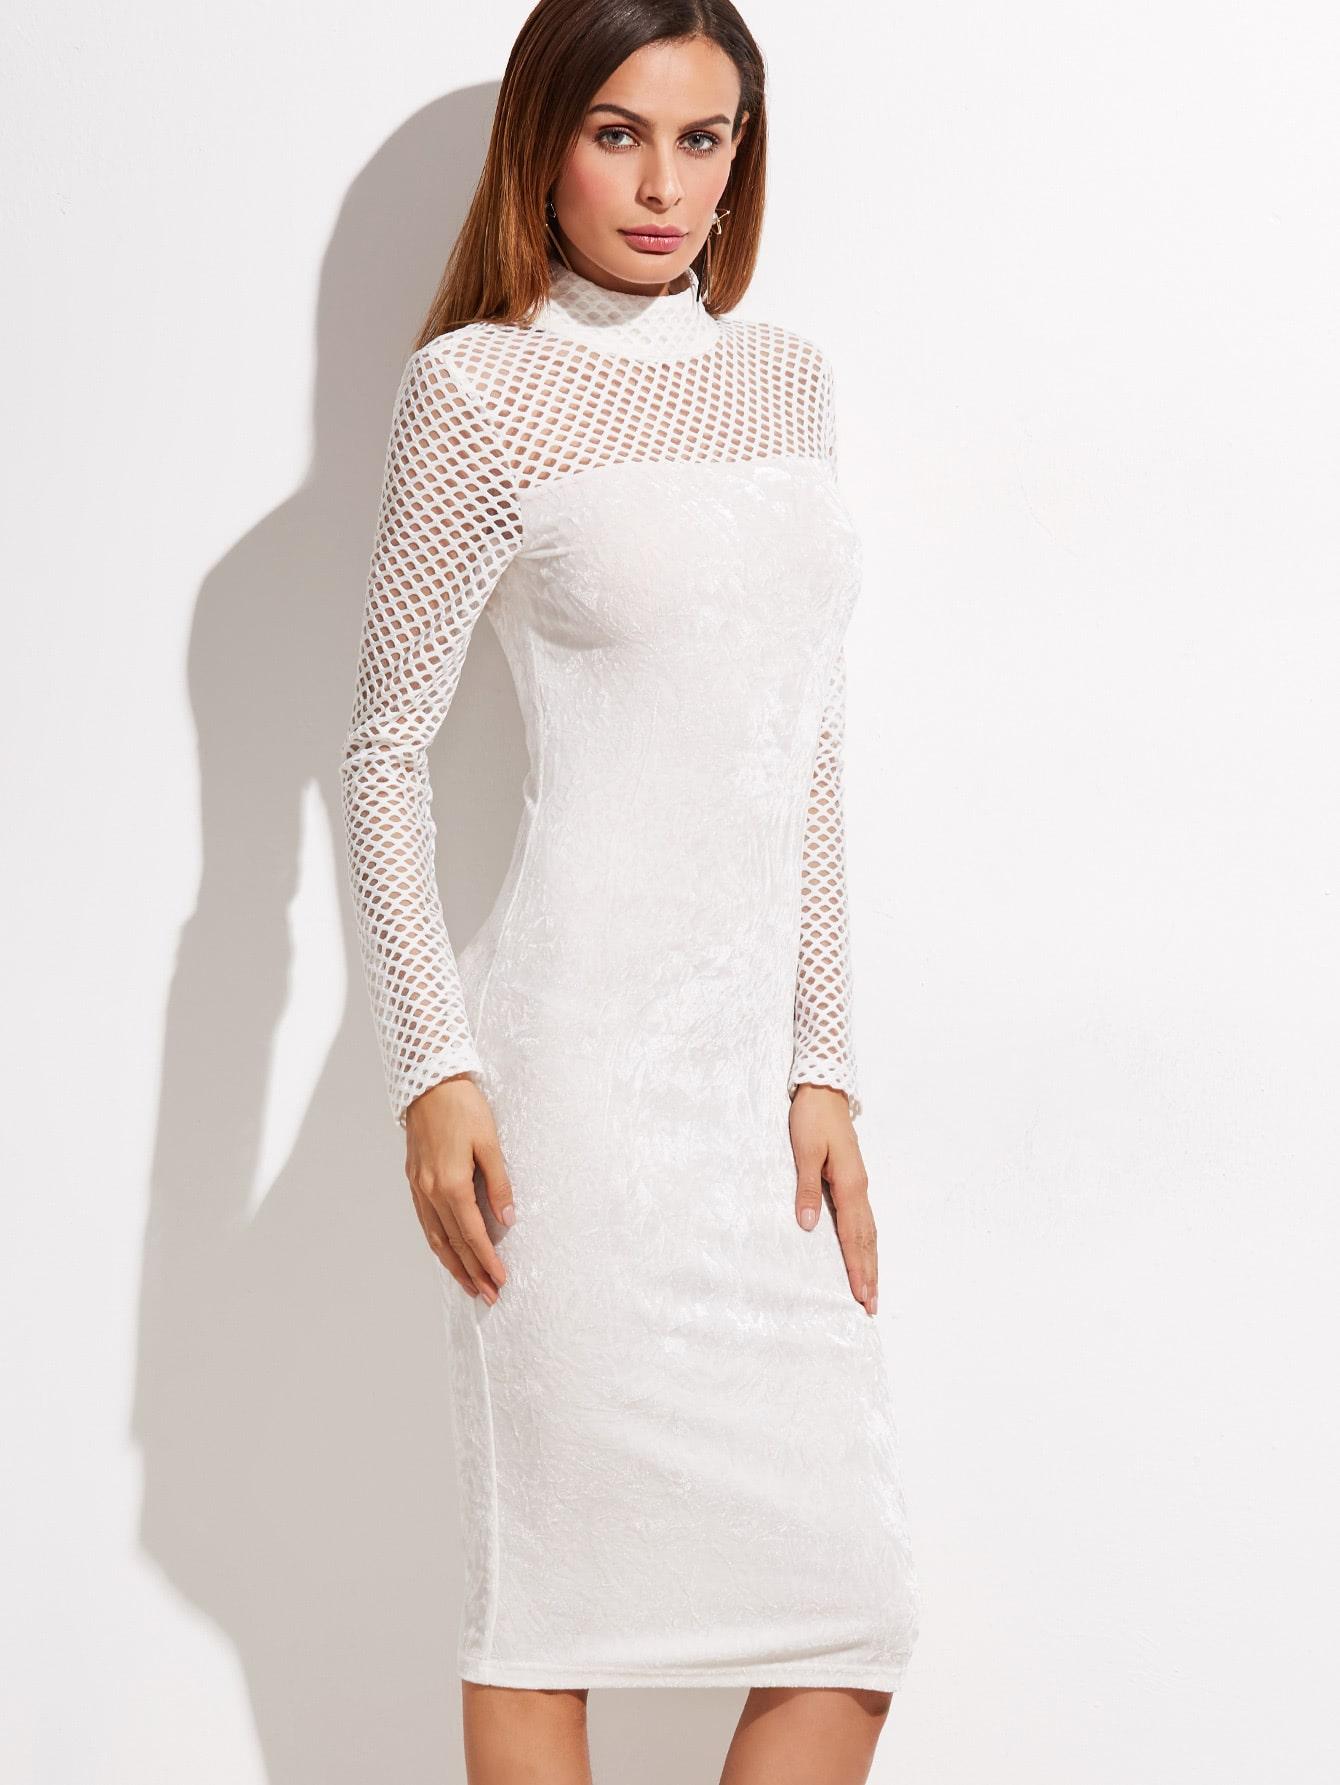 dress161130702_2